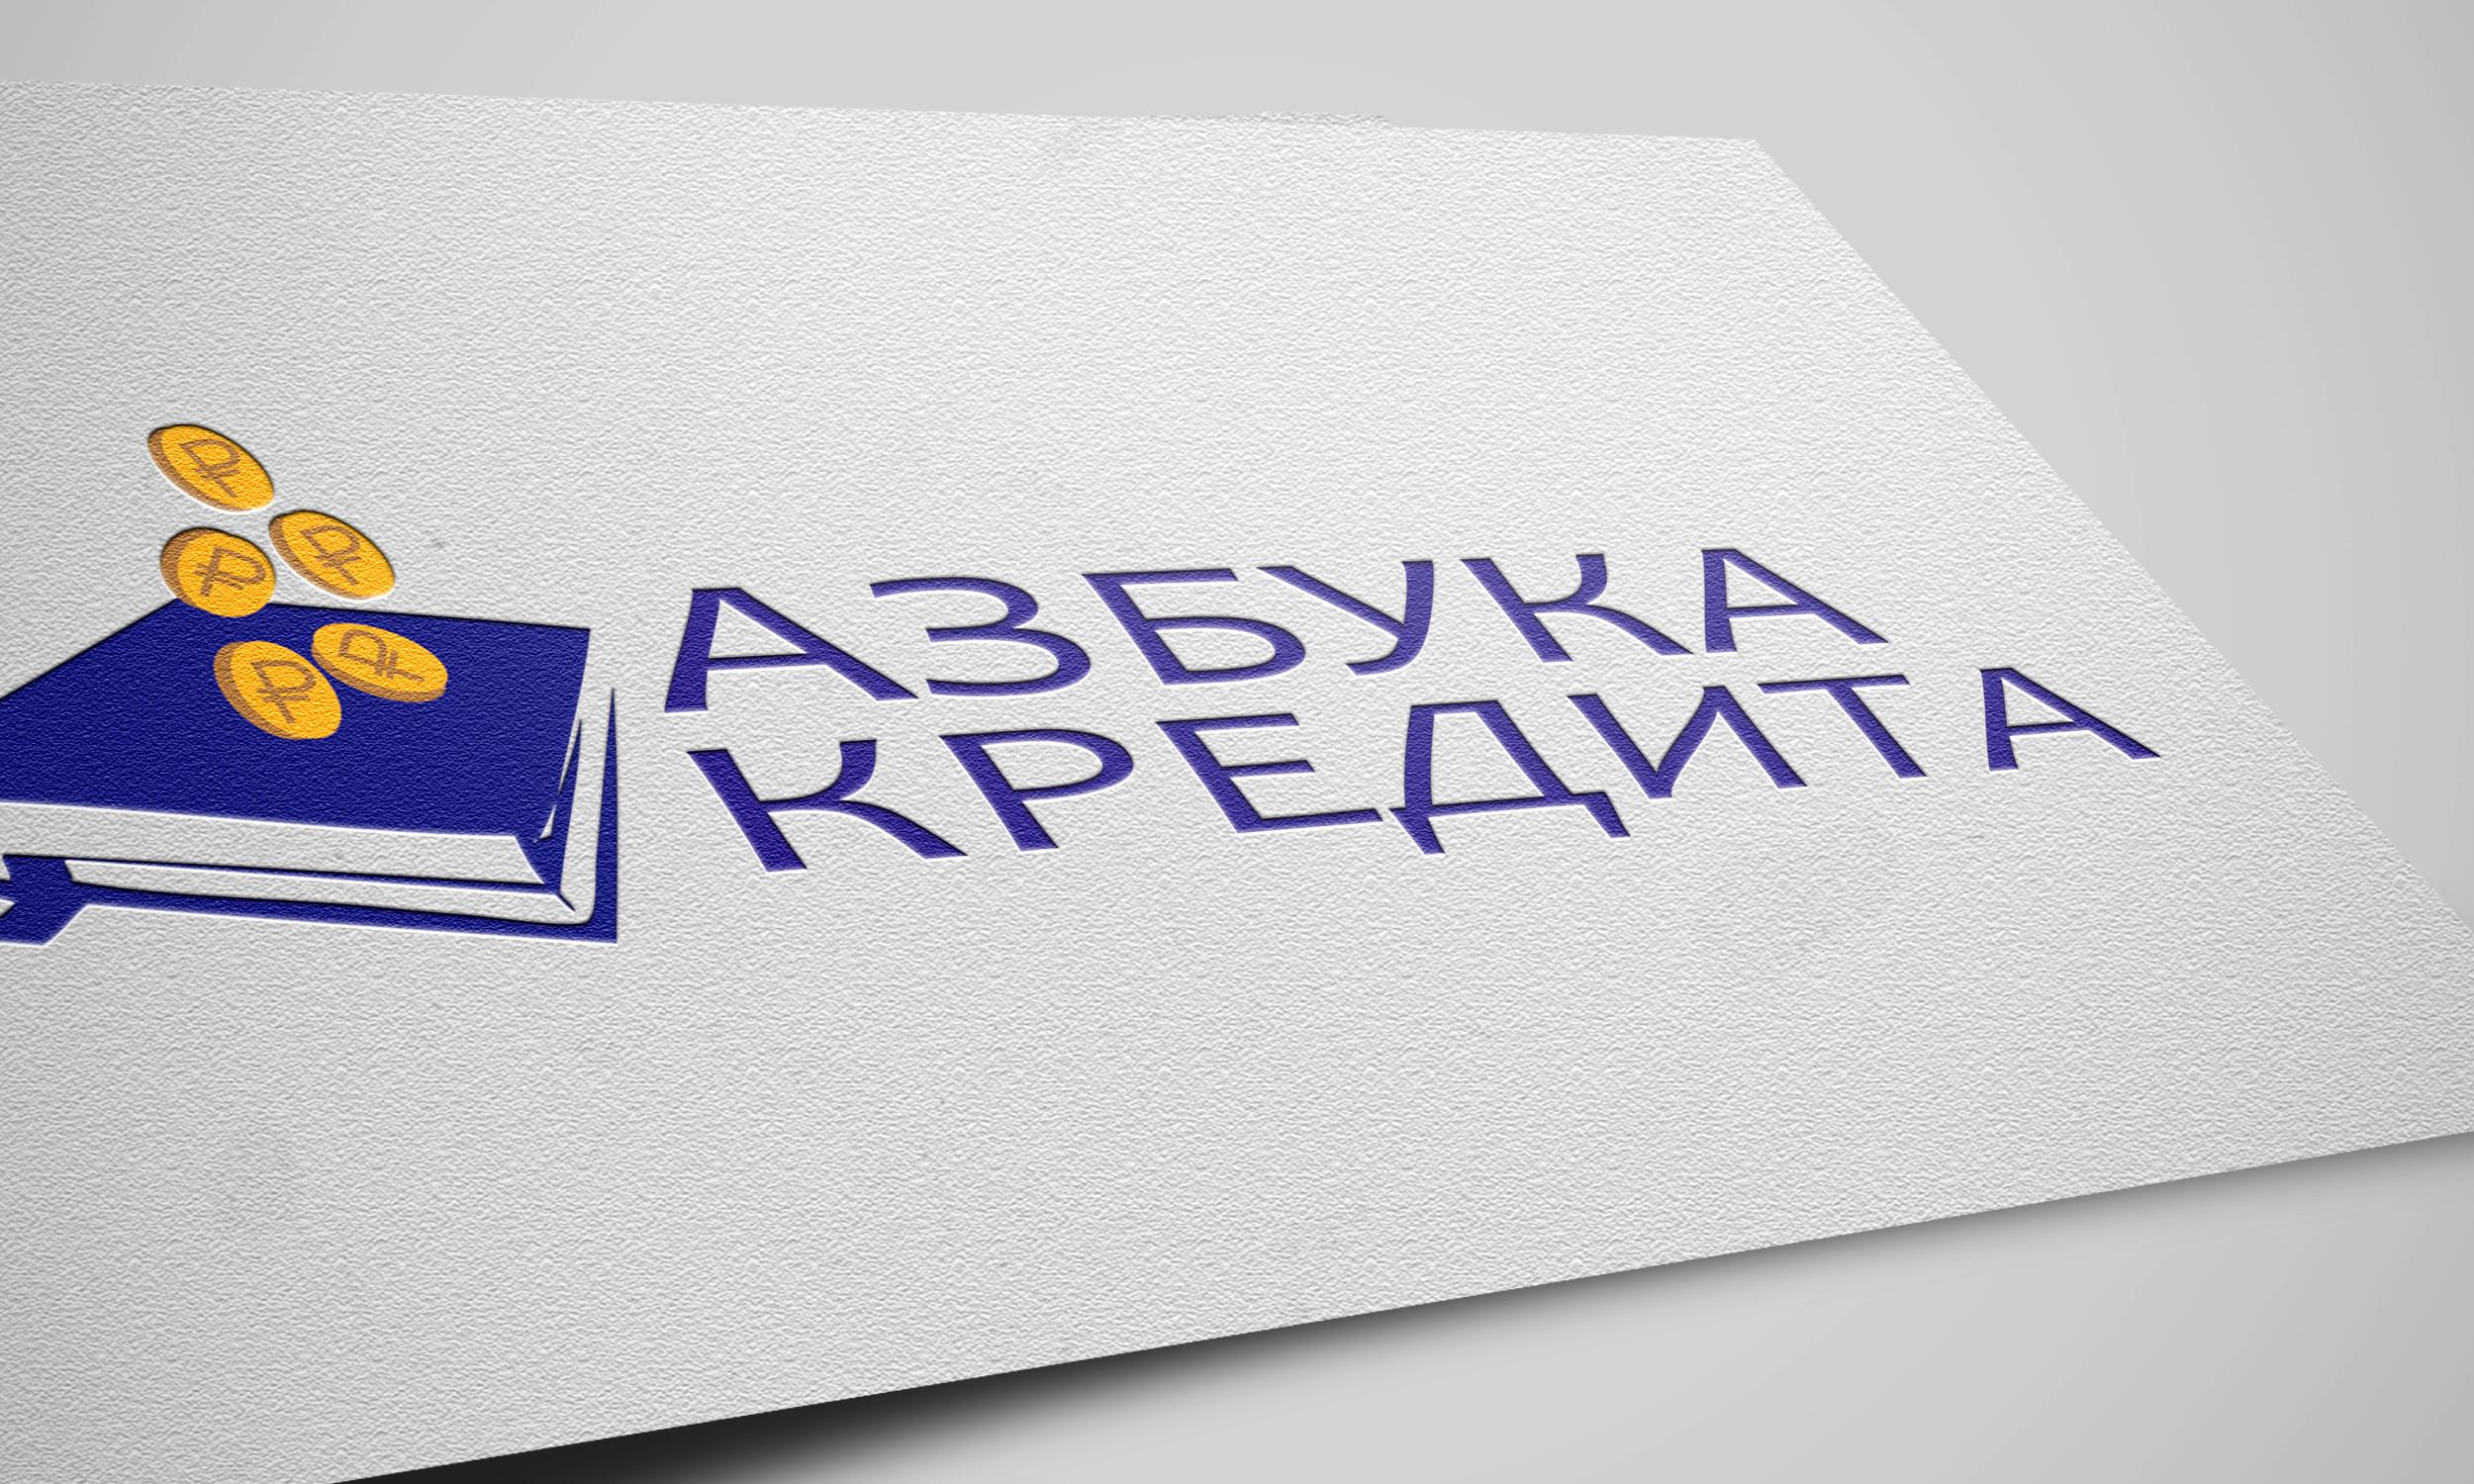 Разработать логотип для финансовой компании фото f_3715df24493a8ea7.jpg